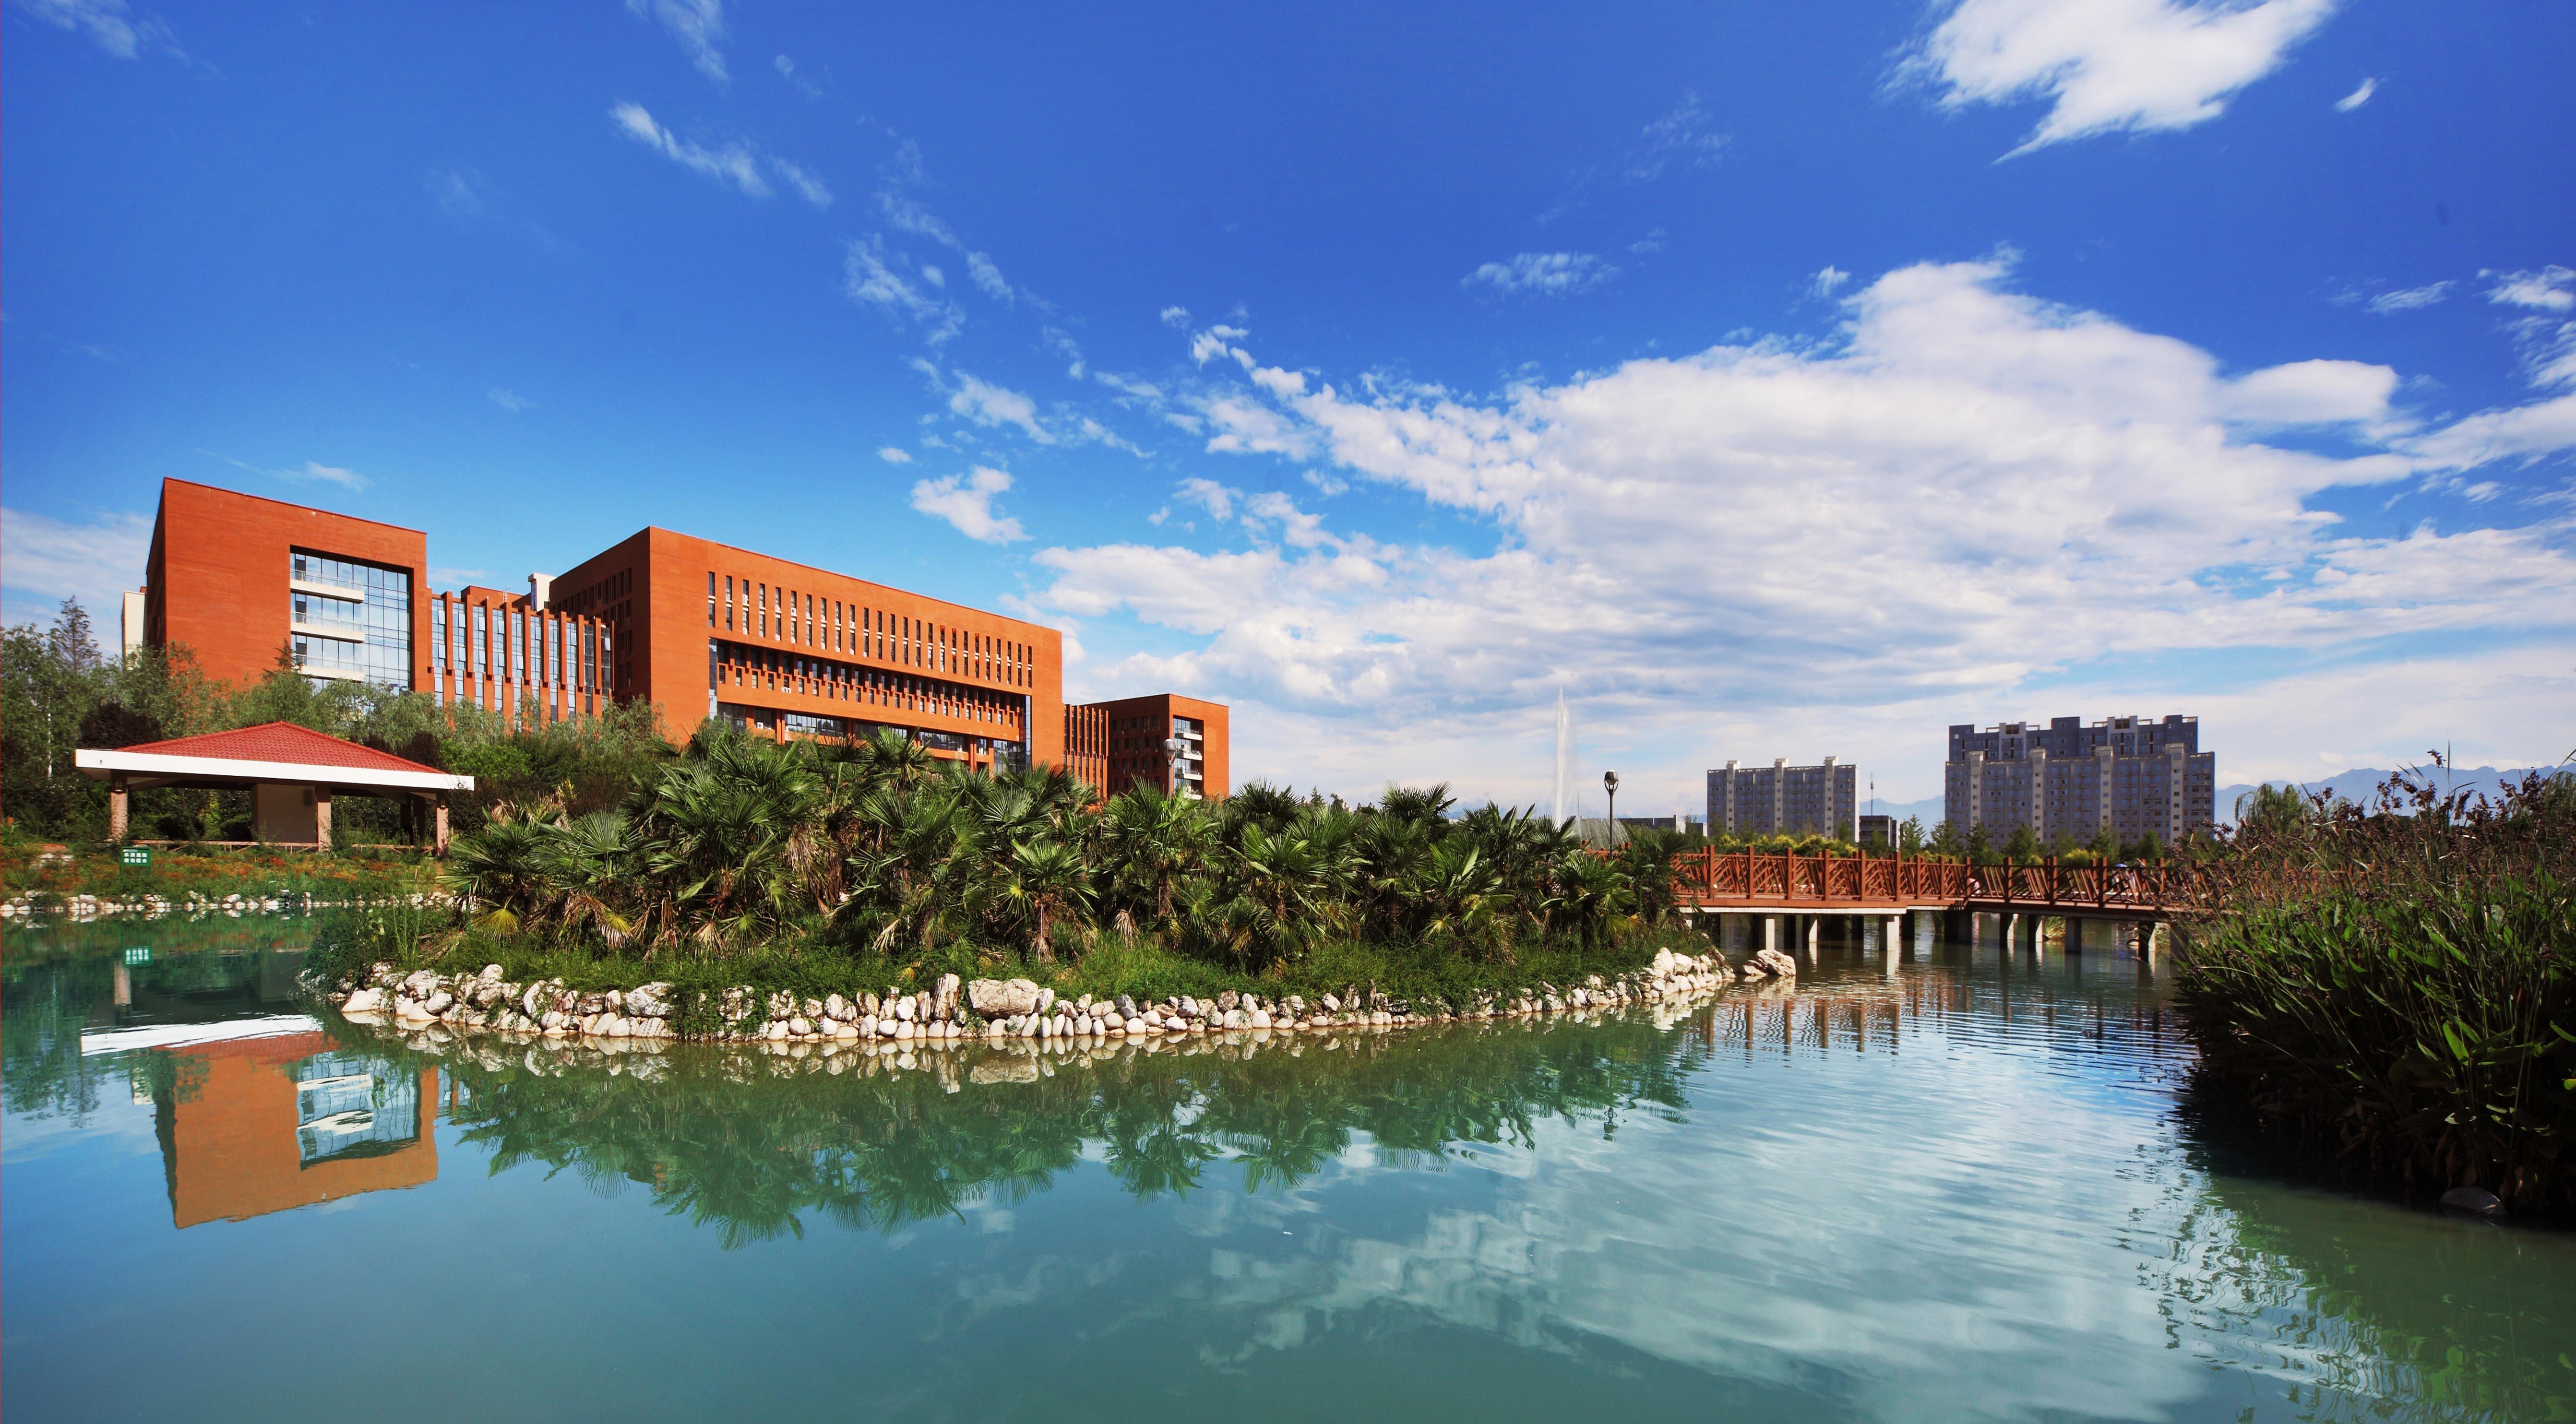 西北农林科技大学:全国农林水学科最齐备的农业院校,增4卓越班、4本科专业